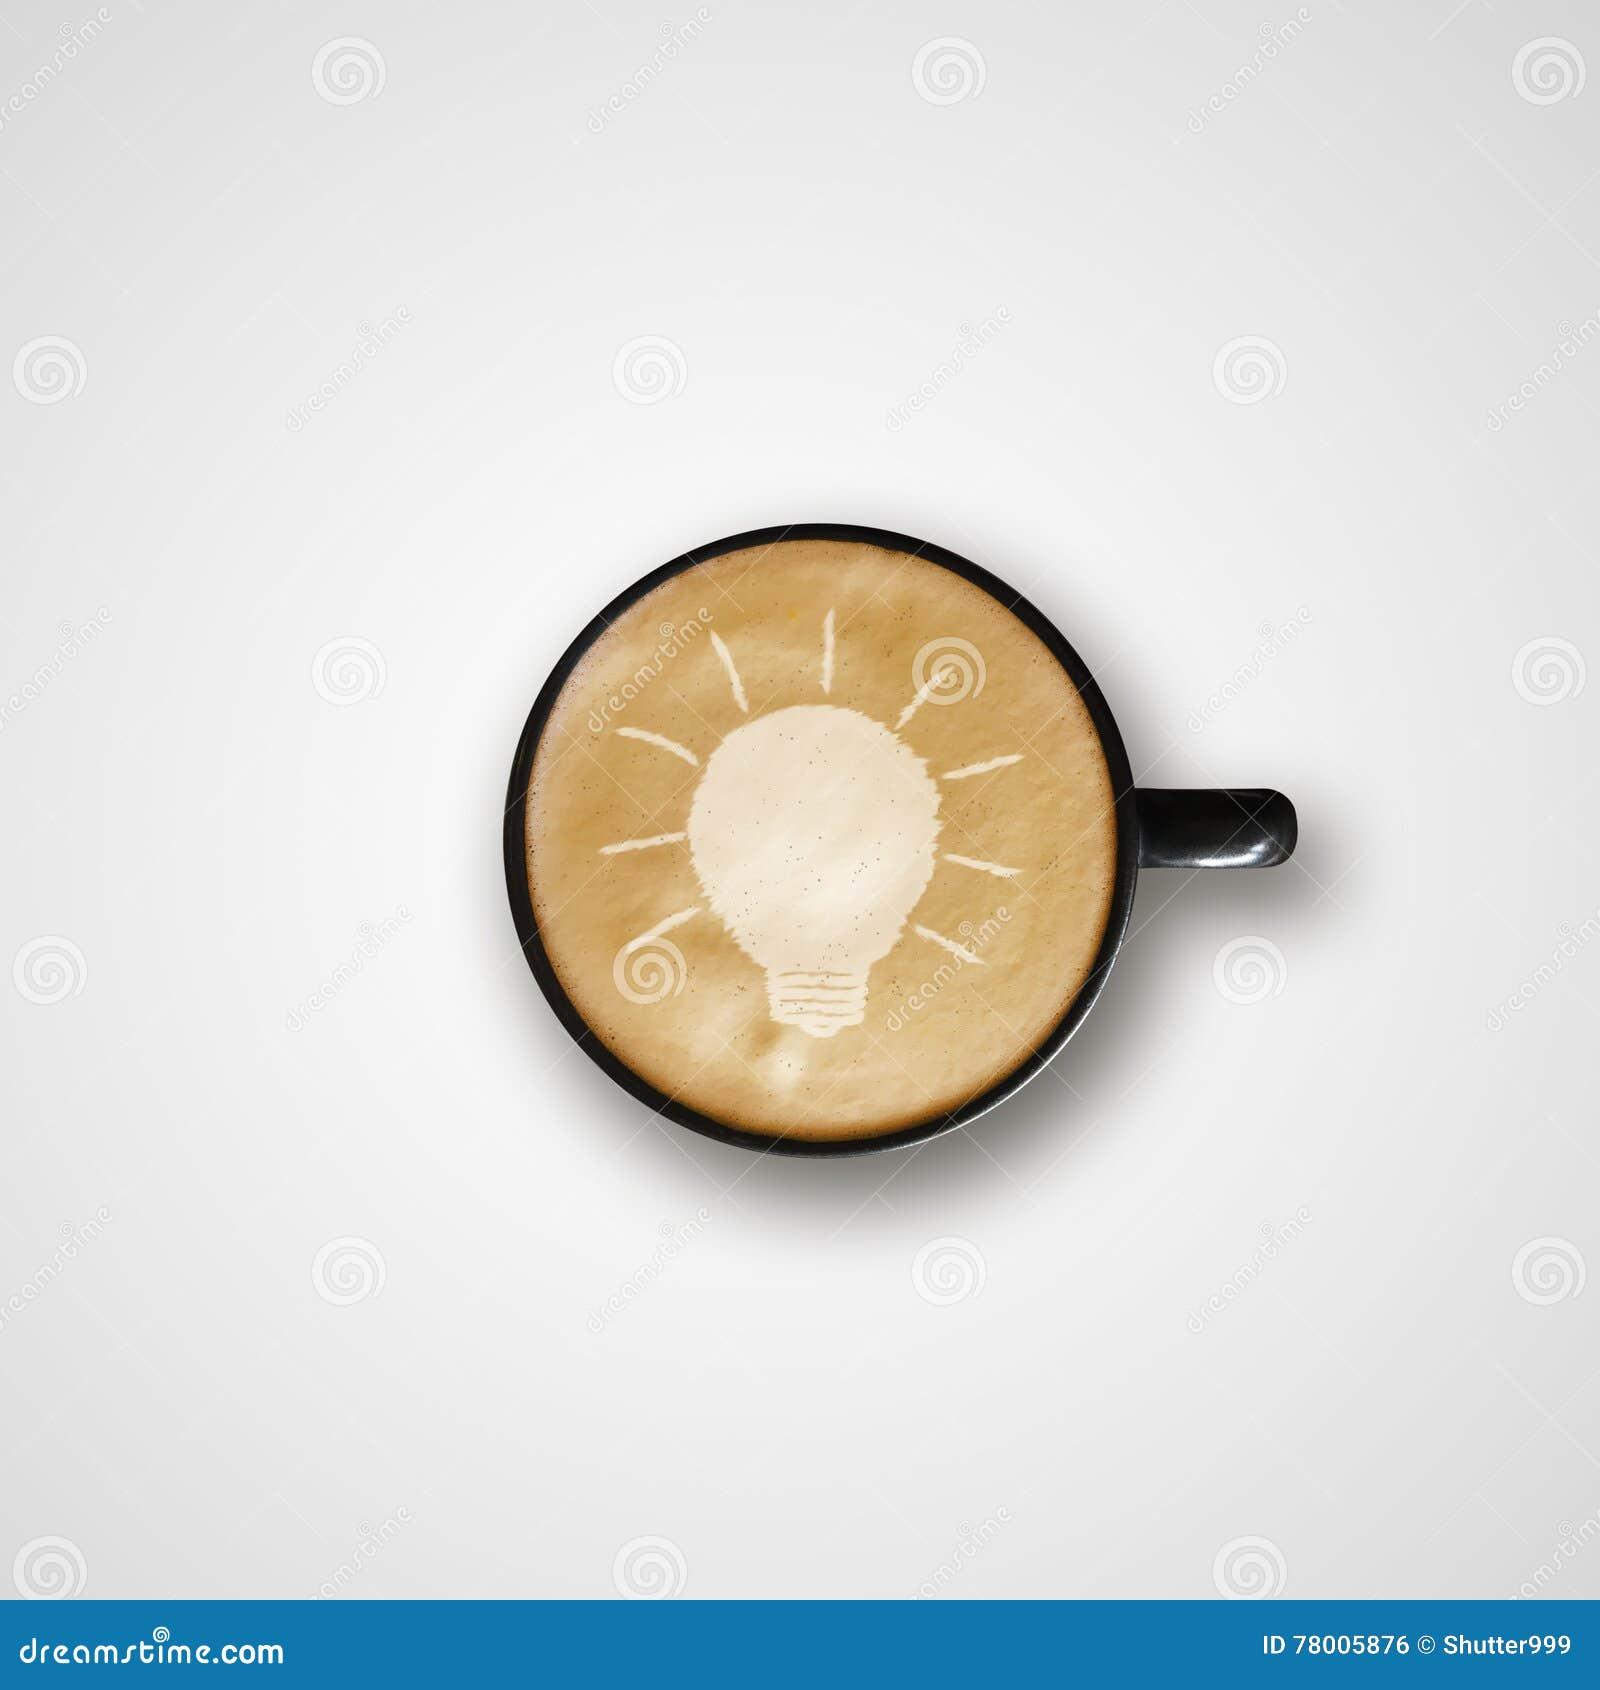 Glühlampe Zeichnung Latte Art Coffee Cup